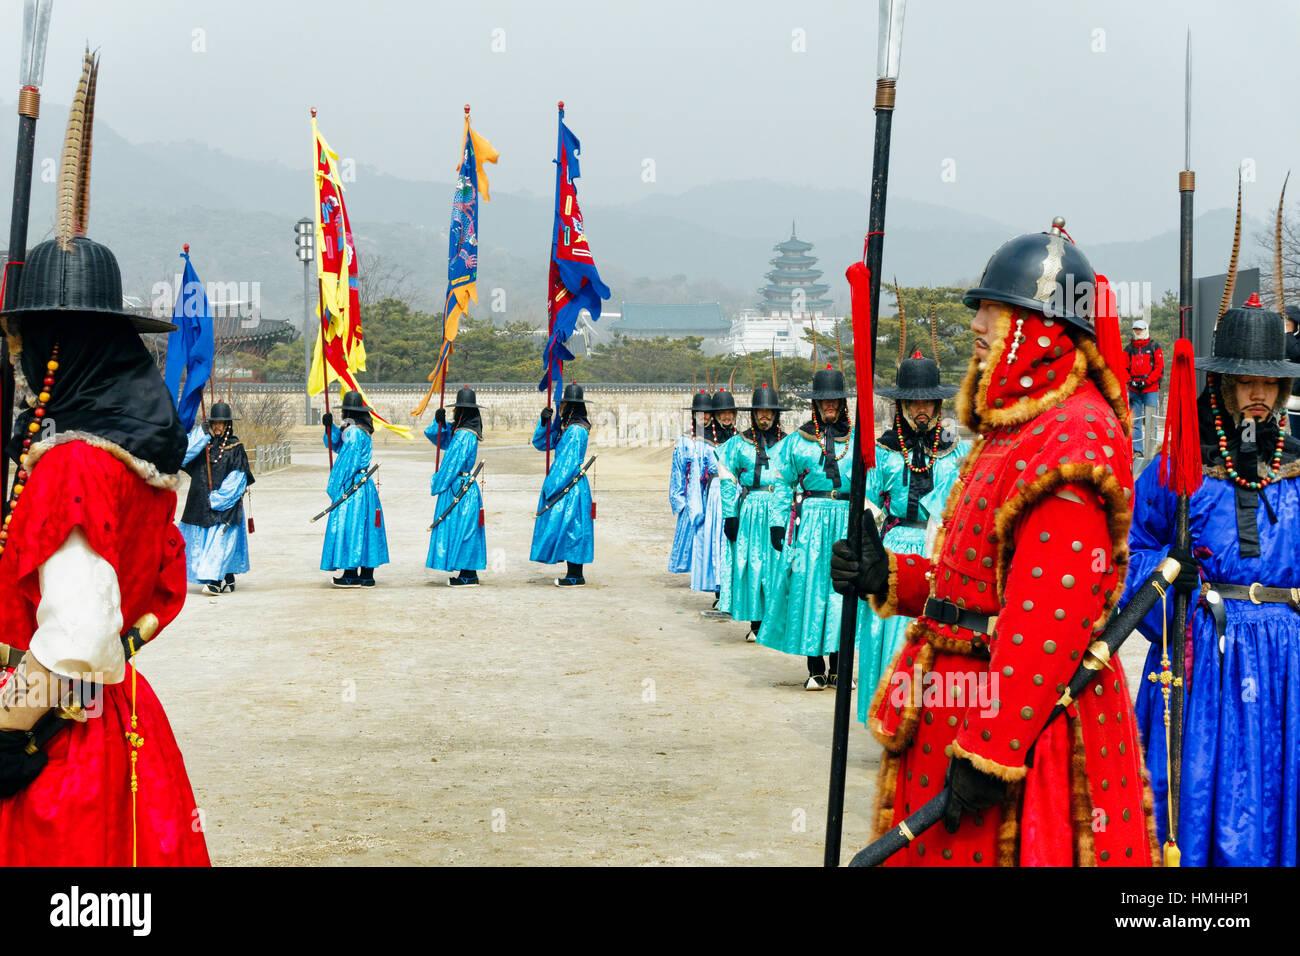 Cérémonie d'inspection de la Garde royale, Gyeongbokgung, Séoul, Corée du Sud Banque D'Images